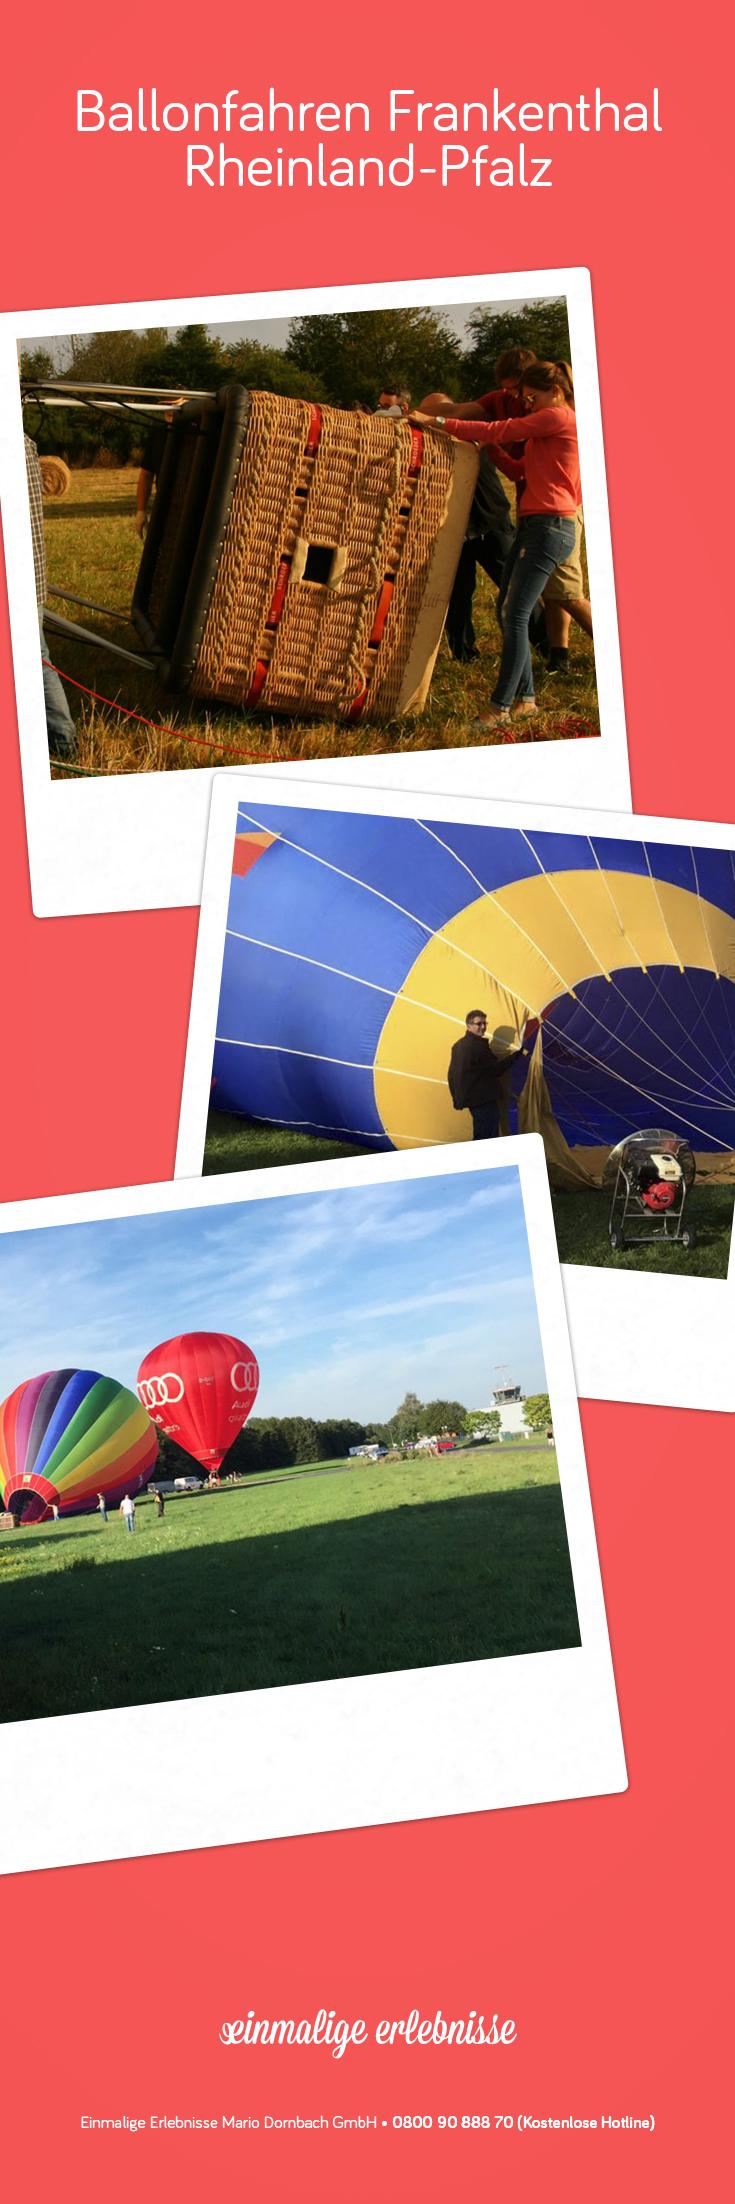 Ballonfahren Frankenthal In Rheinland Pfalz Heimat Geschenk Jahrestag Fahren Rheinland Pfalz Einmalige Erlebnisse